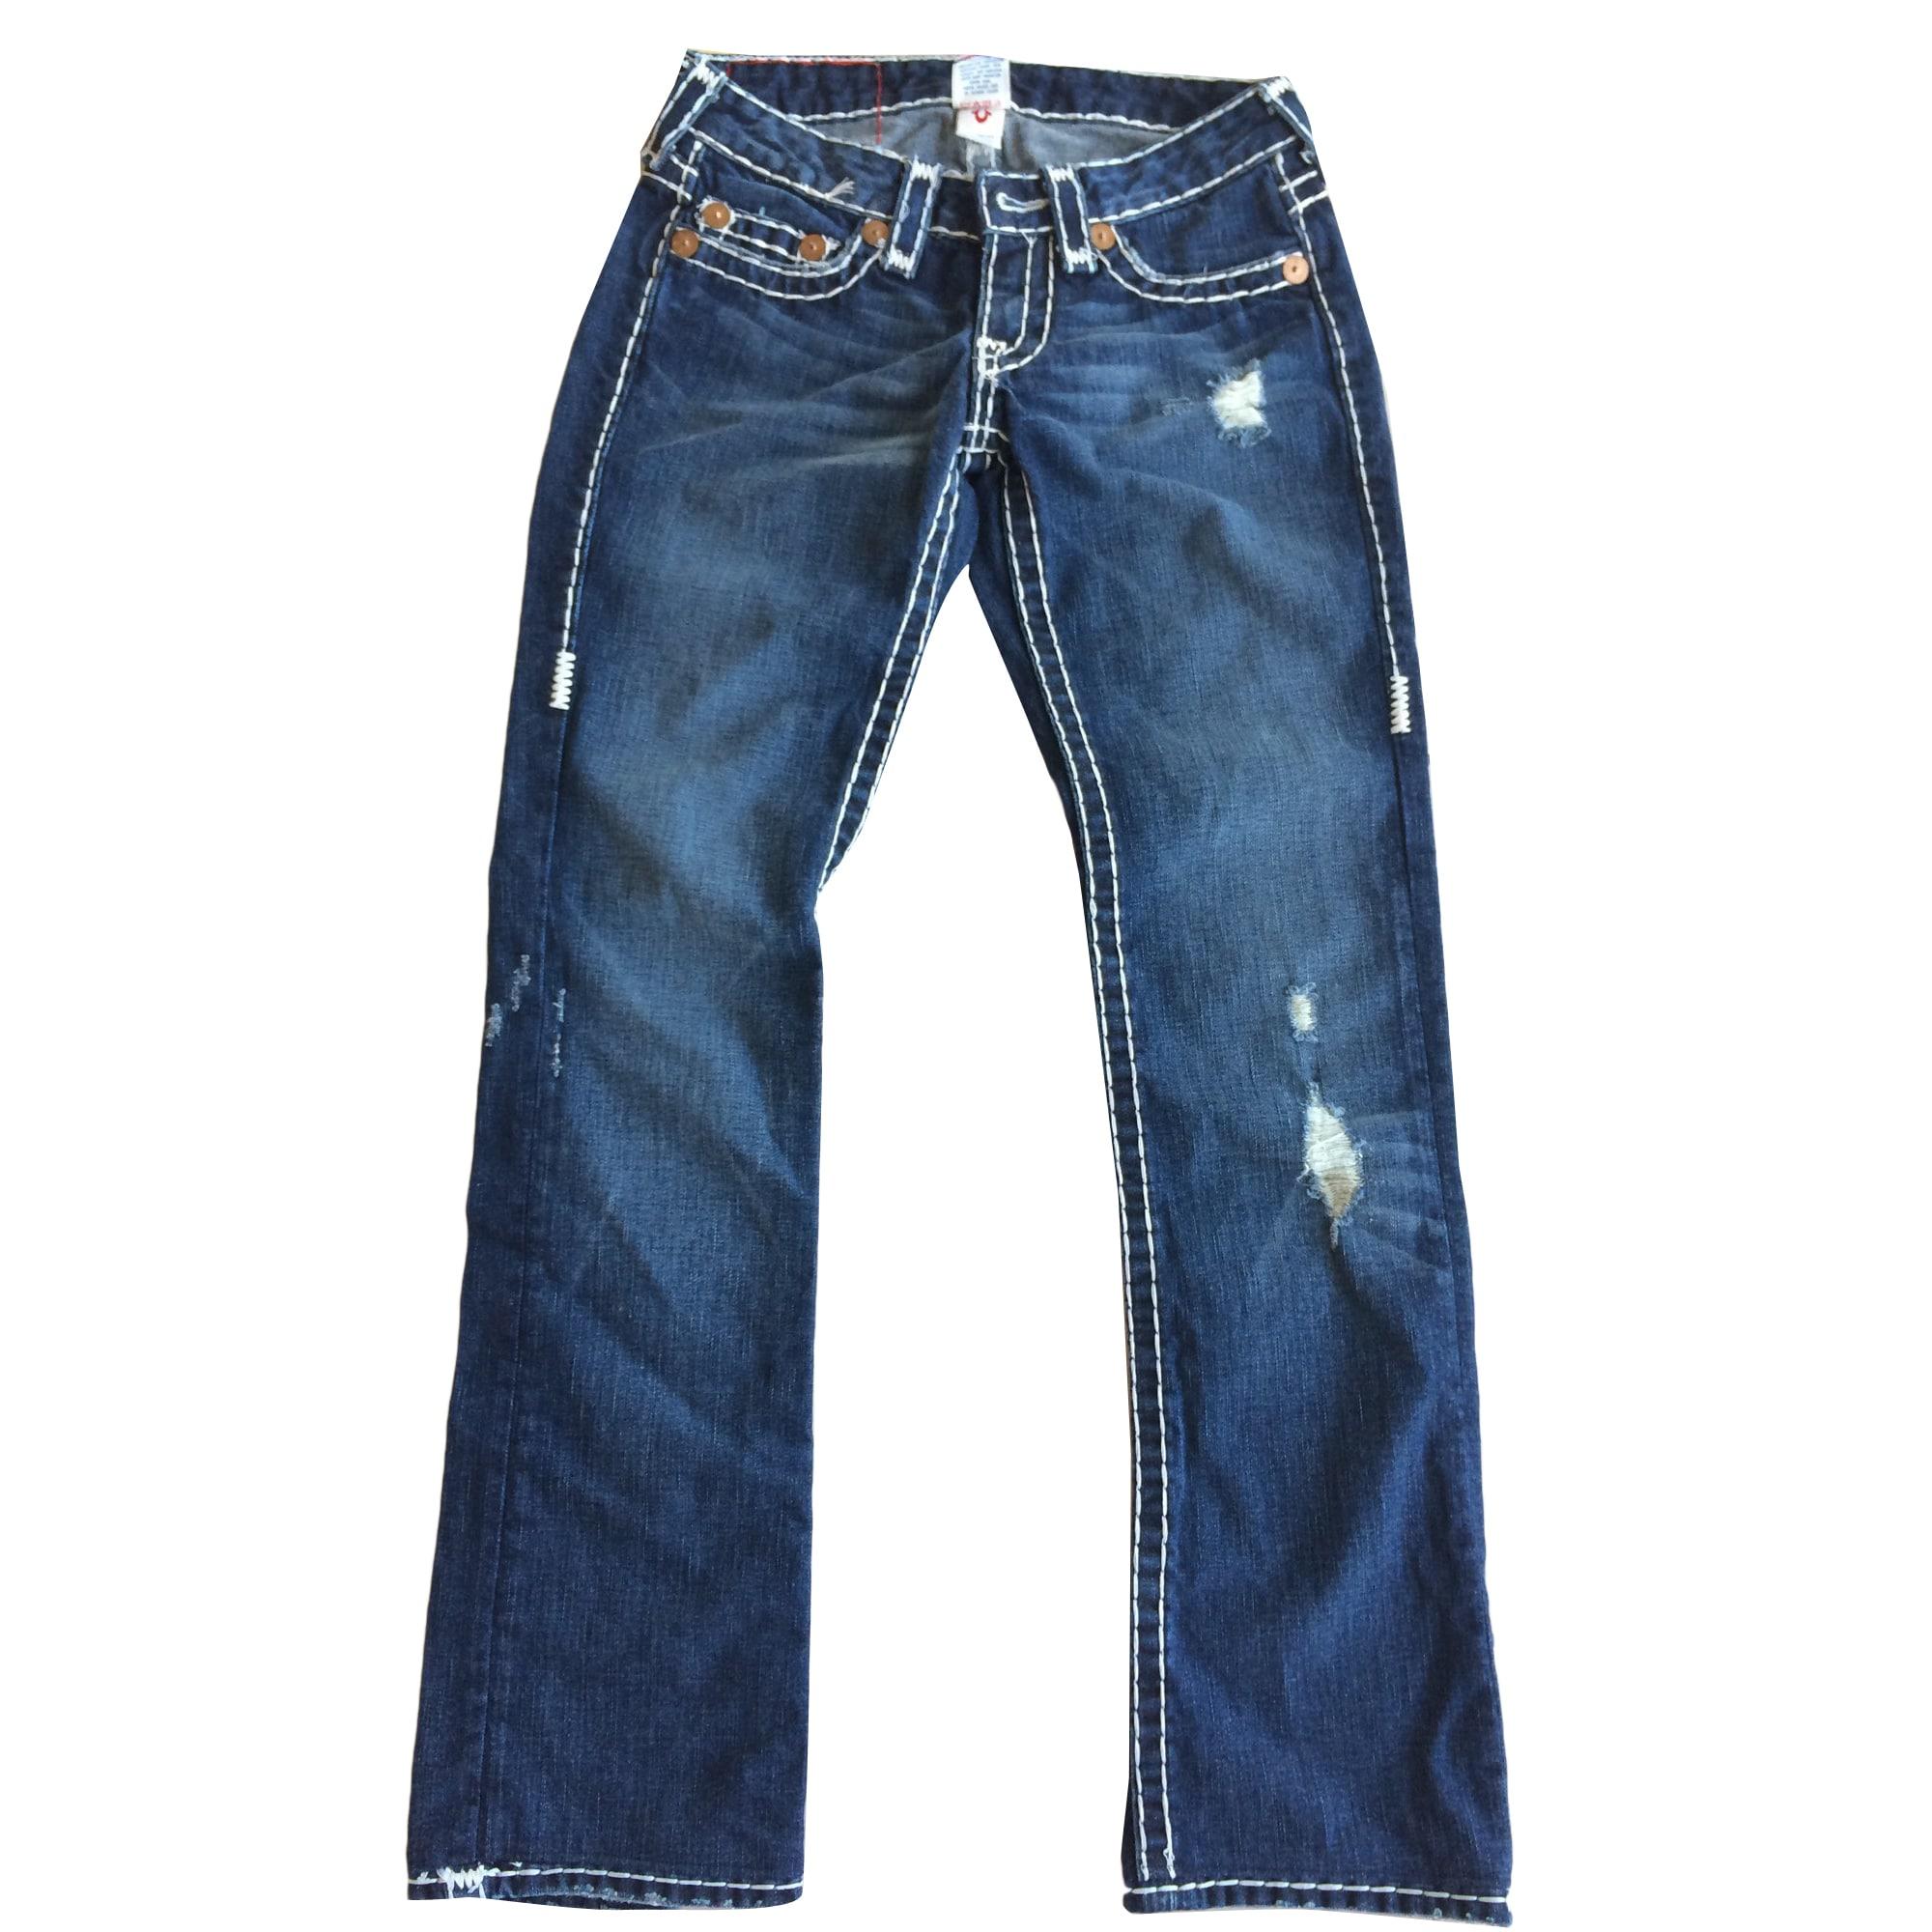 Jeans droit TRUE RELIGION Bleu foncé